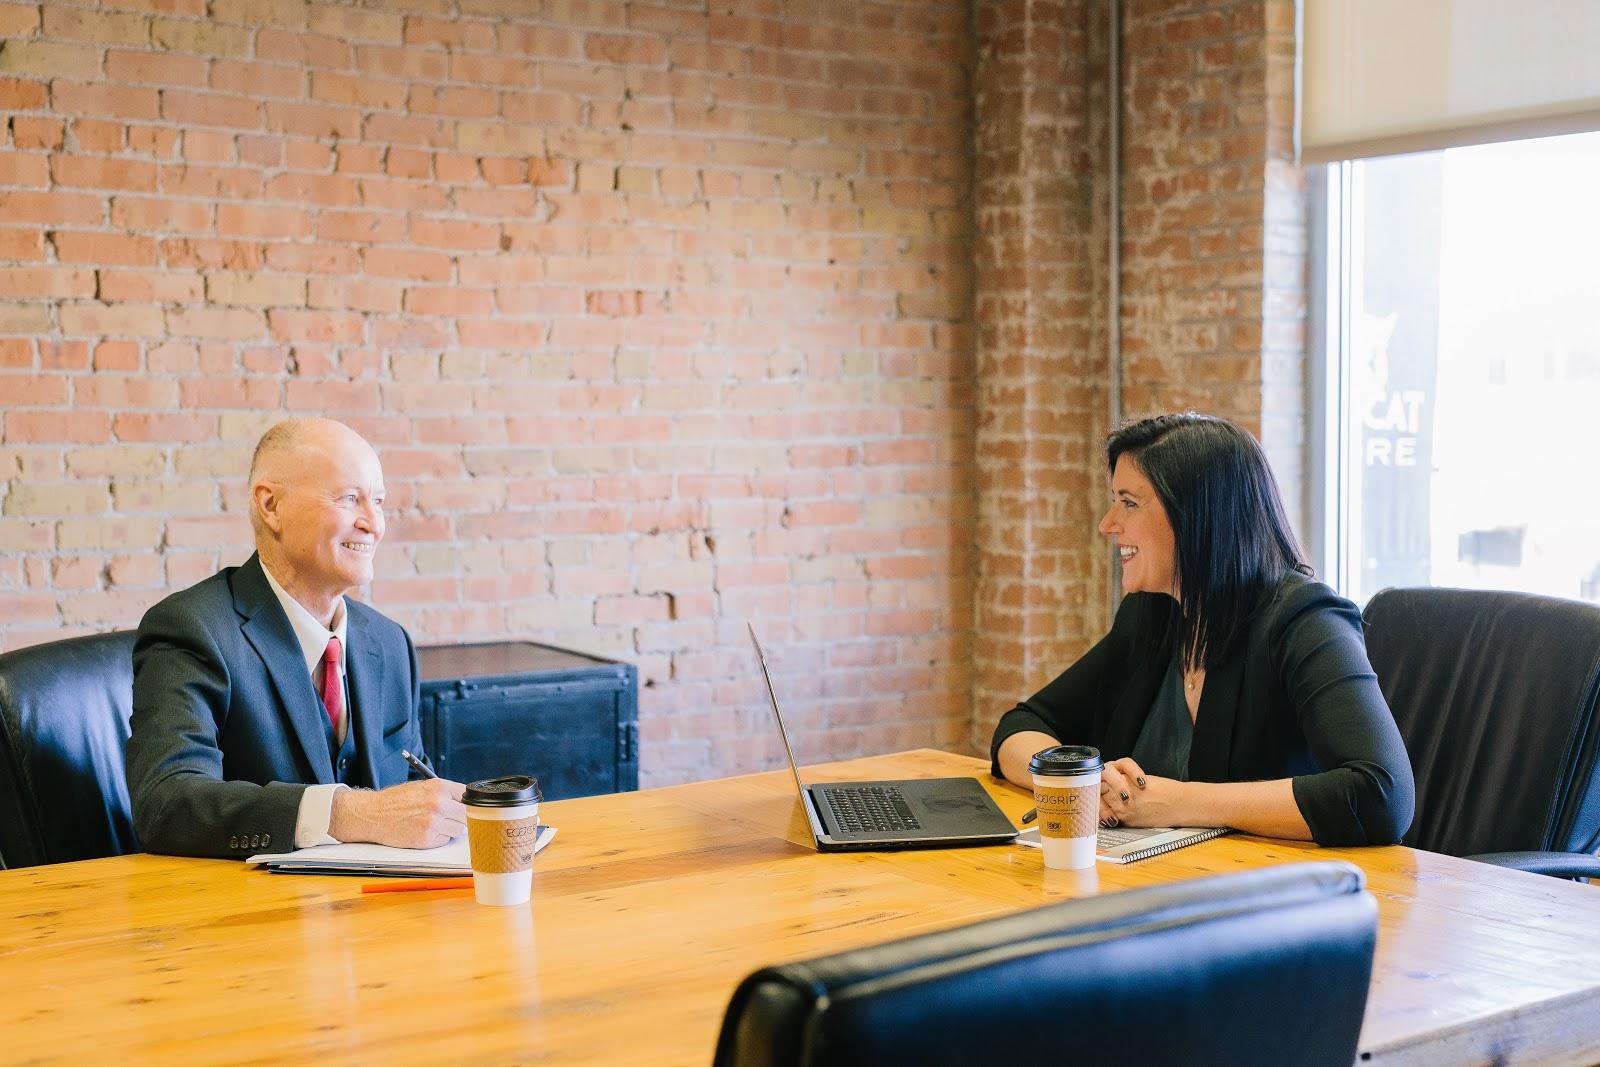 Работа с возражениями на личных встречах